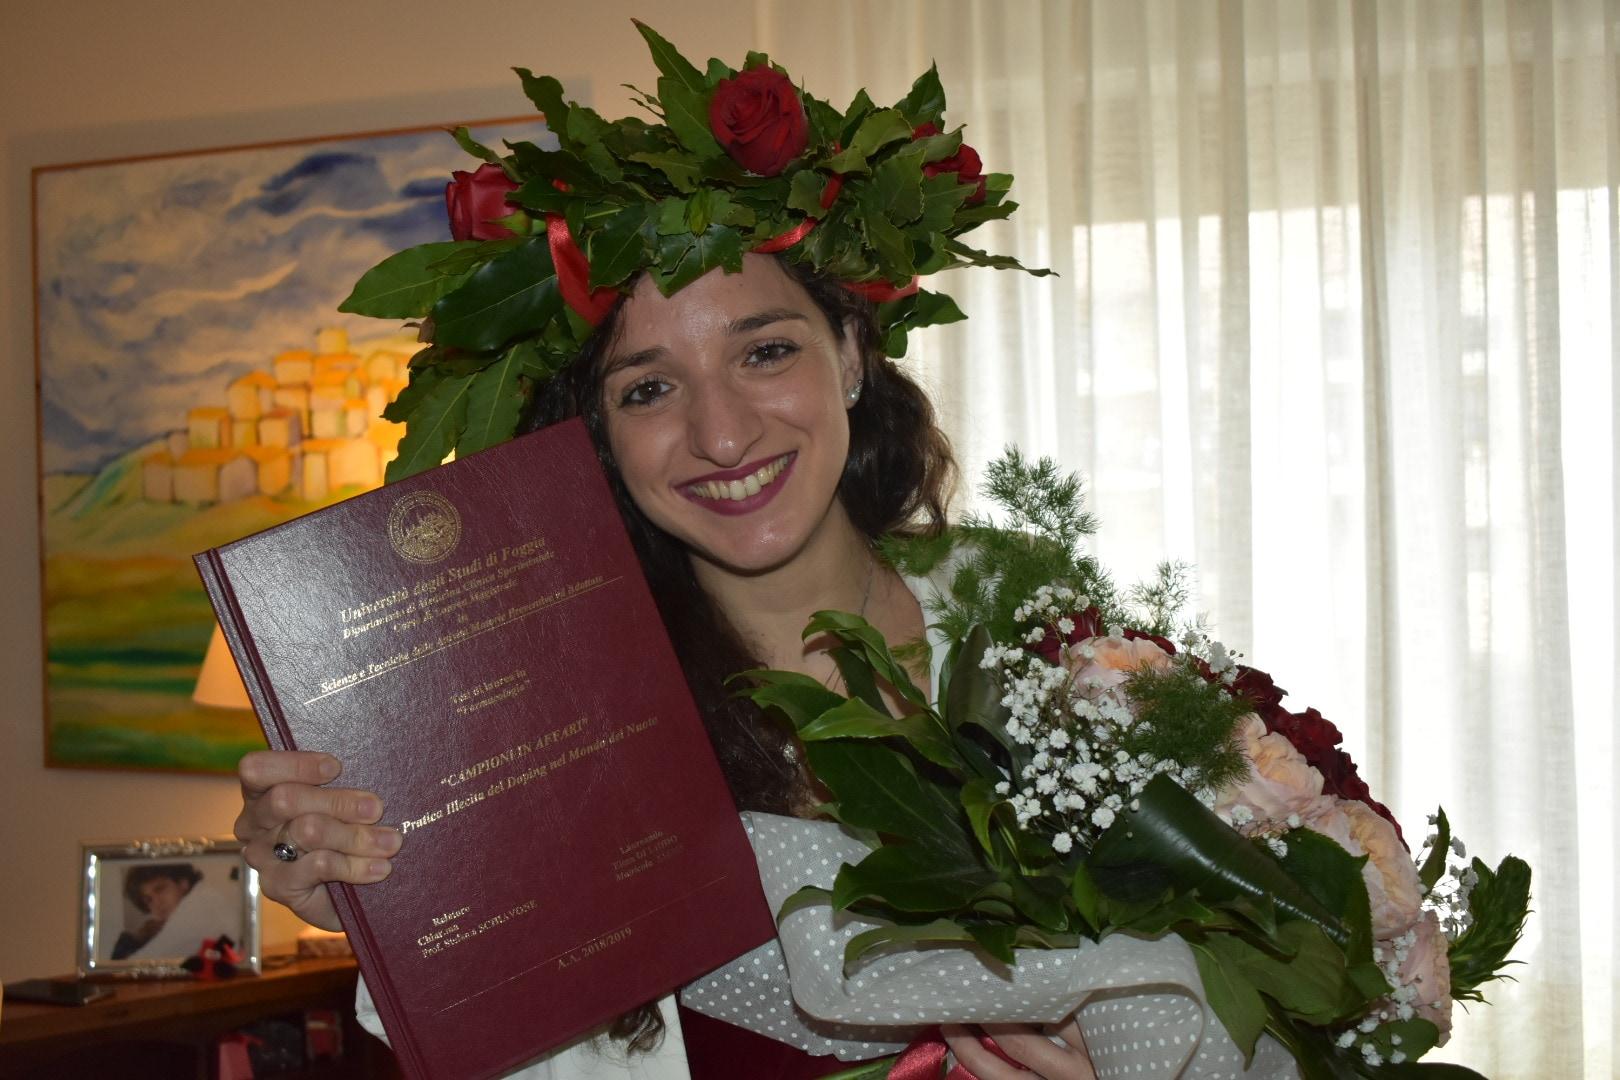 La laurea di Elena Di Liddo